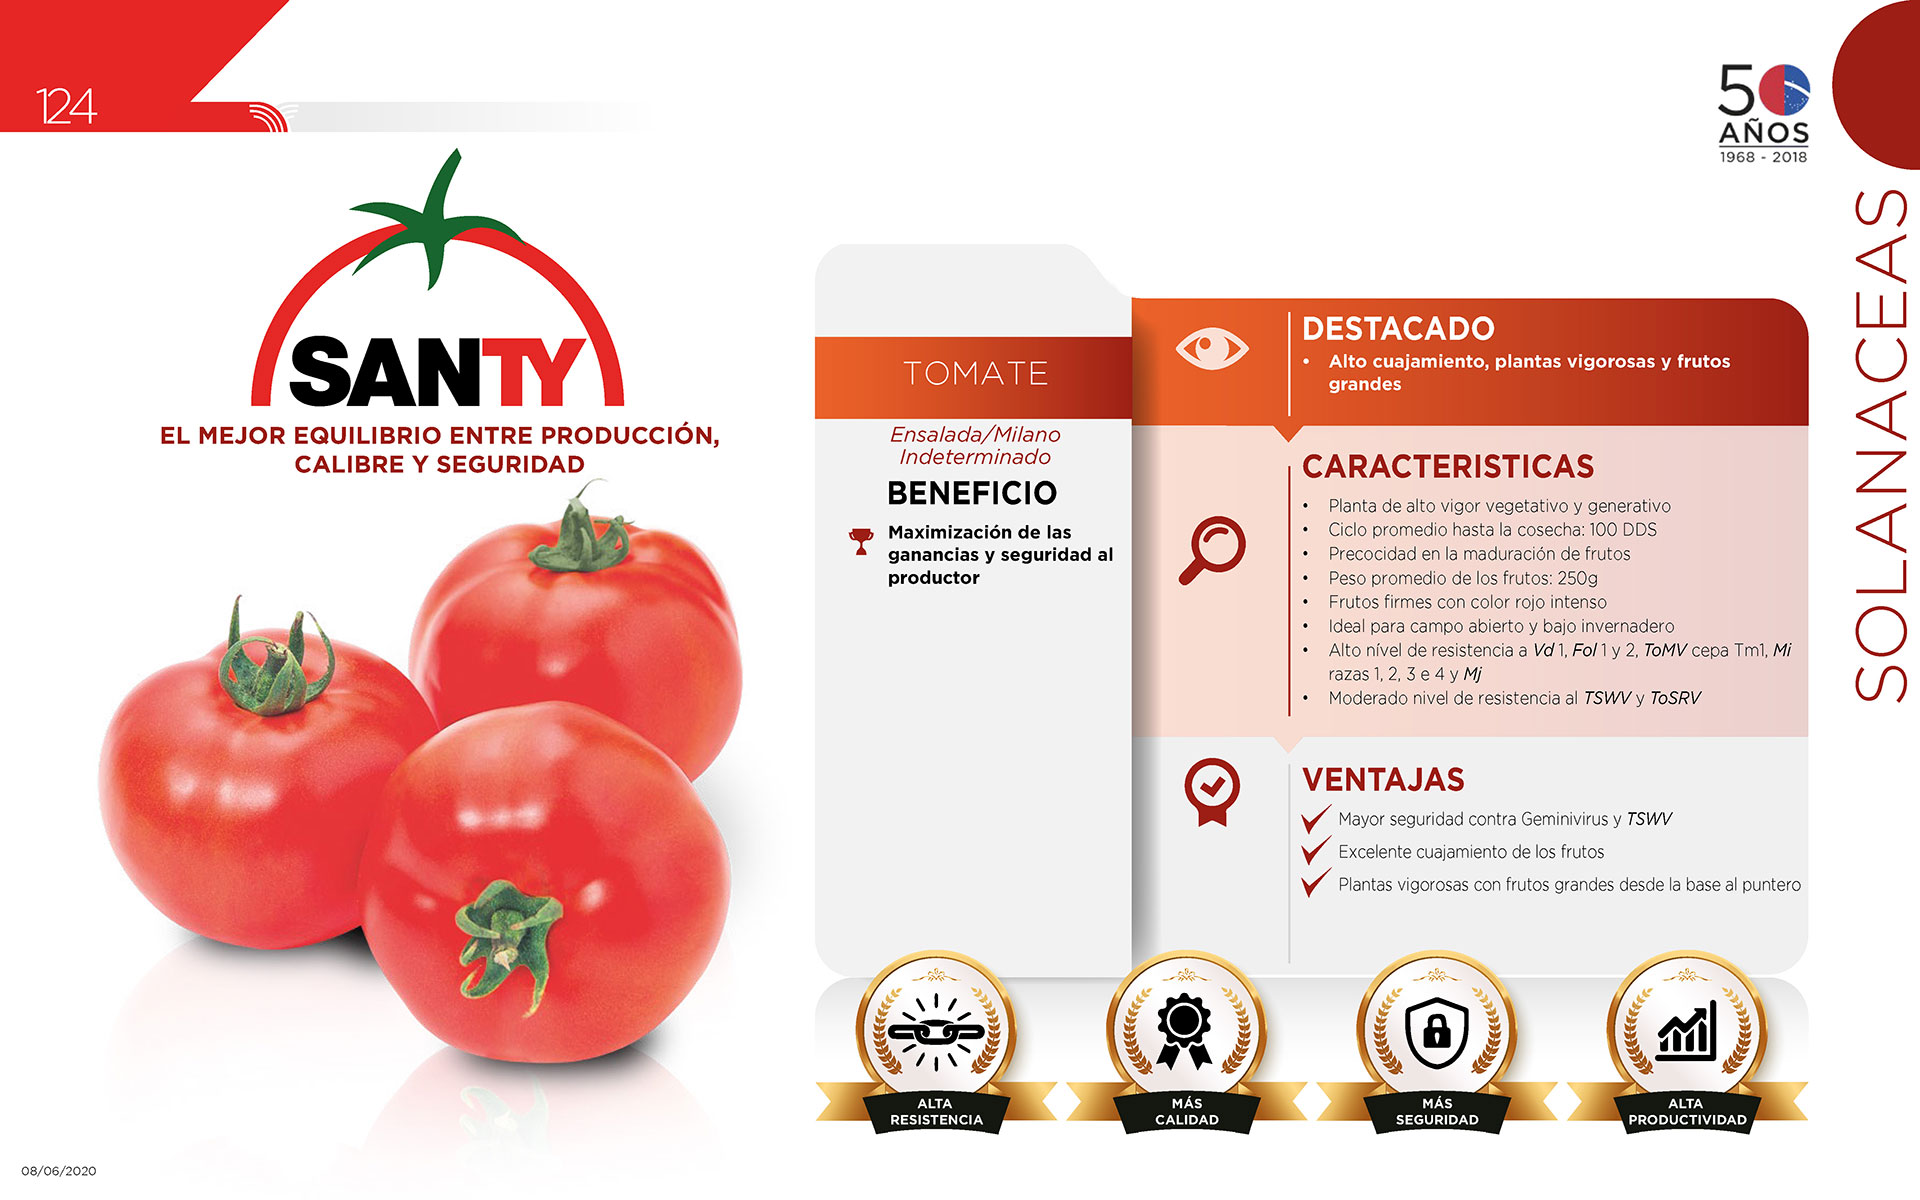 Santy - Solanaceas